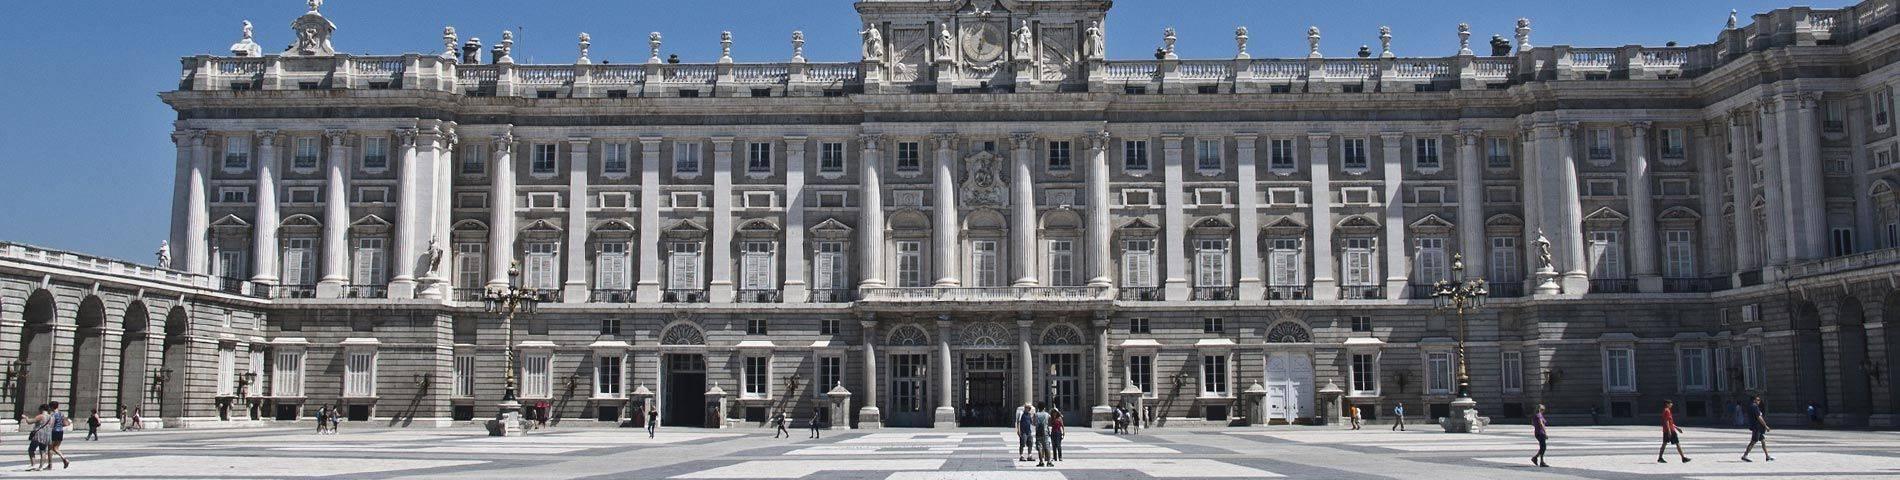 Университеты в мадрид (город) мадрид (провинция) > мадрид > испания